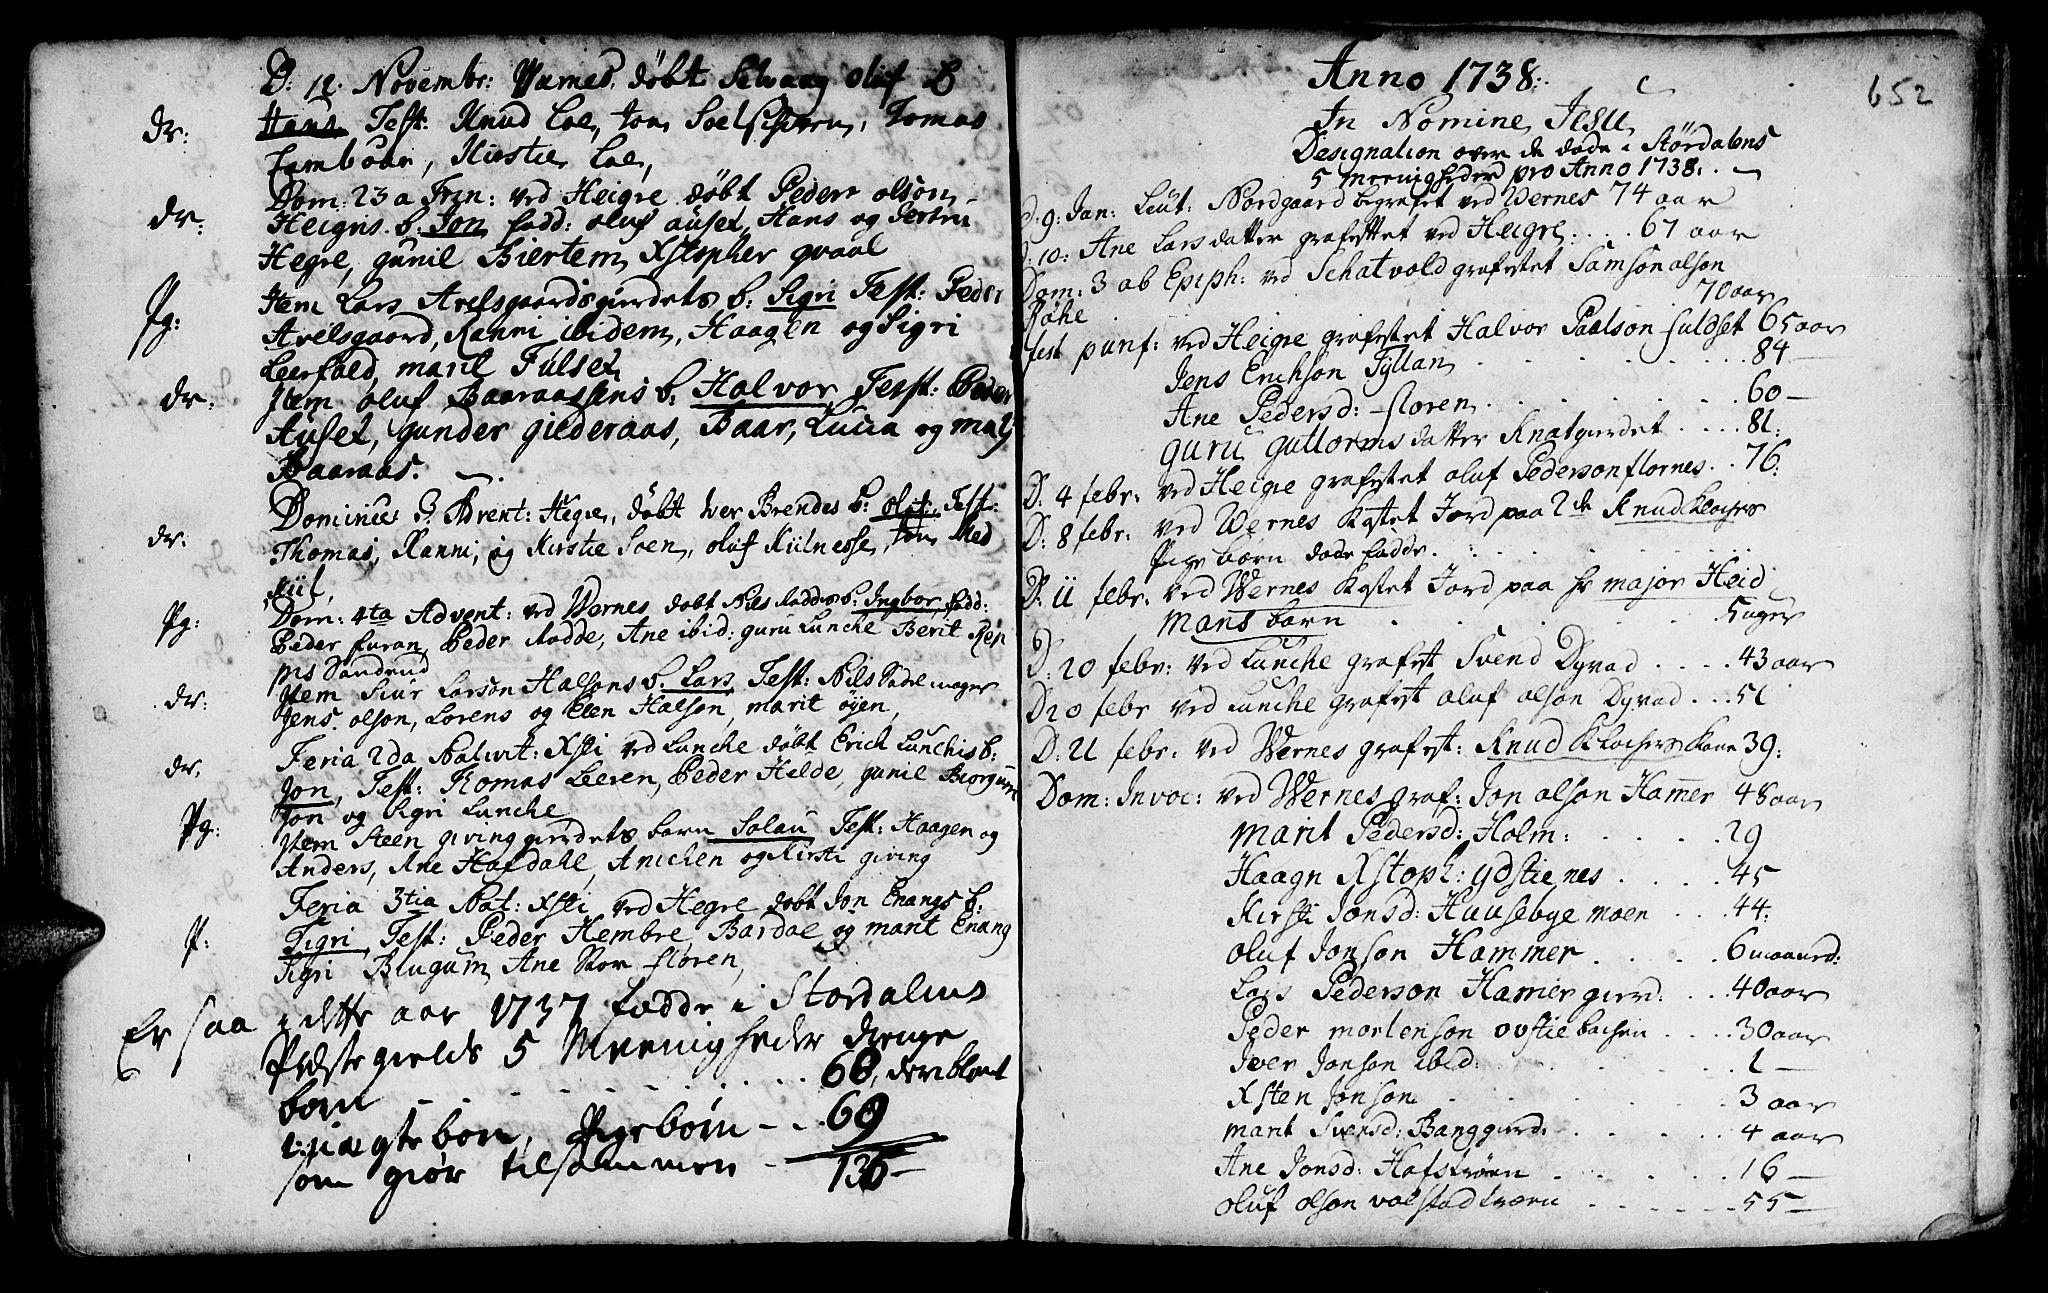 SAT, Ministerialprotokoller, klokkerbøker og fødselsregistre - Nord-Trøndelag, 709/L0055: Ministerialbok nr. 709A03, 1730-1739, s. 651-652